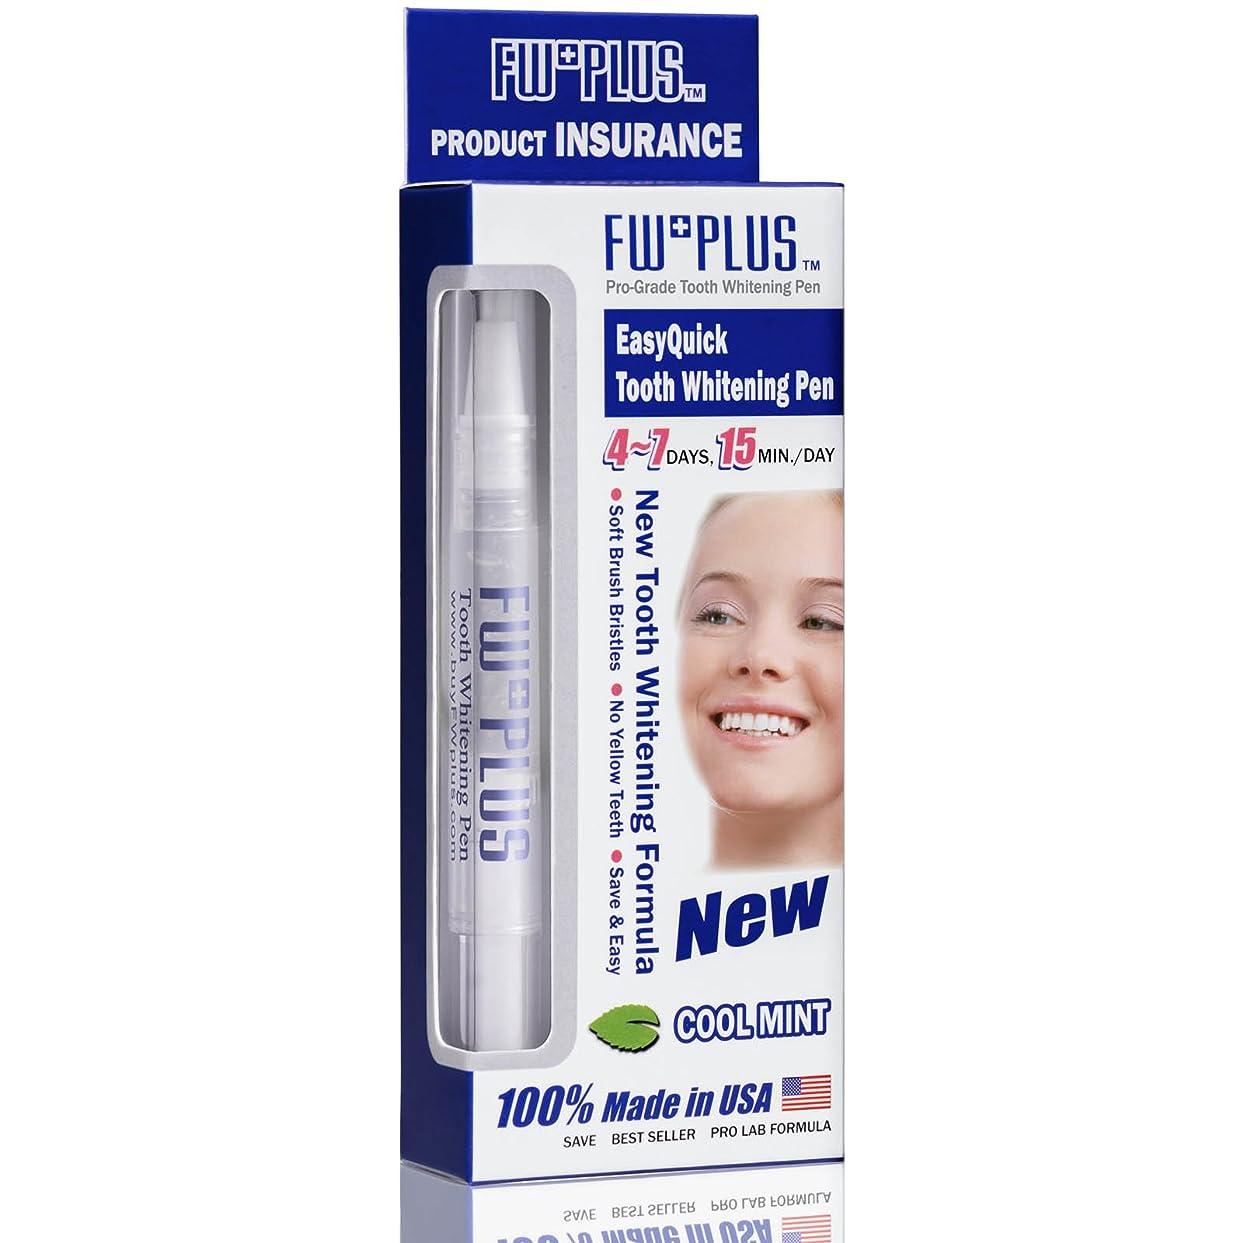 破裂放棄する雇ったFW+PLUS菲斯華 歯を白くする 簡単即効ホーム歯ホワイトニングペン 歯ホワイトニング 人気 歯ホワイトニング ジェル